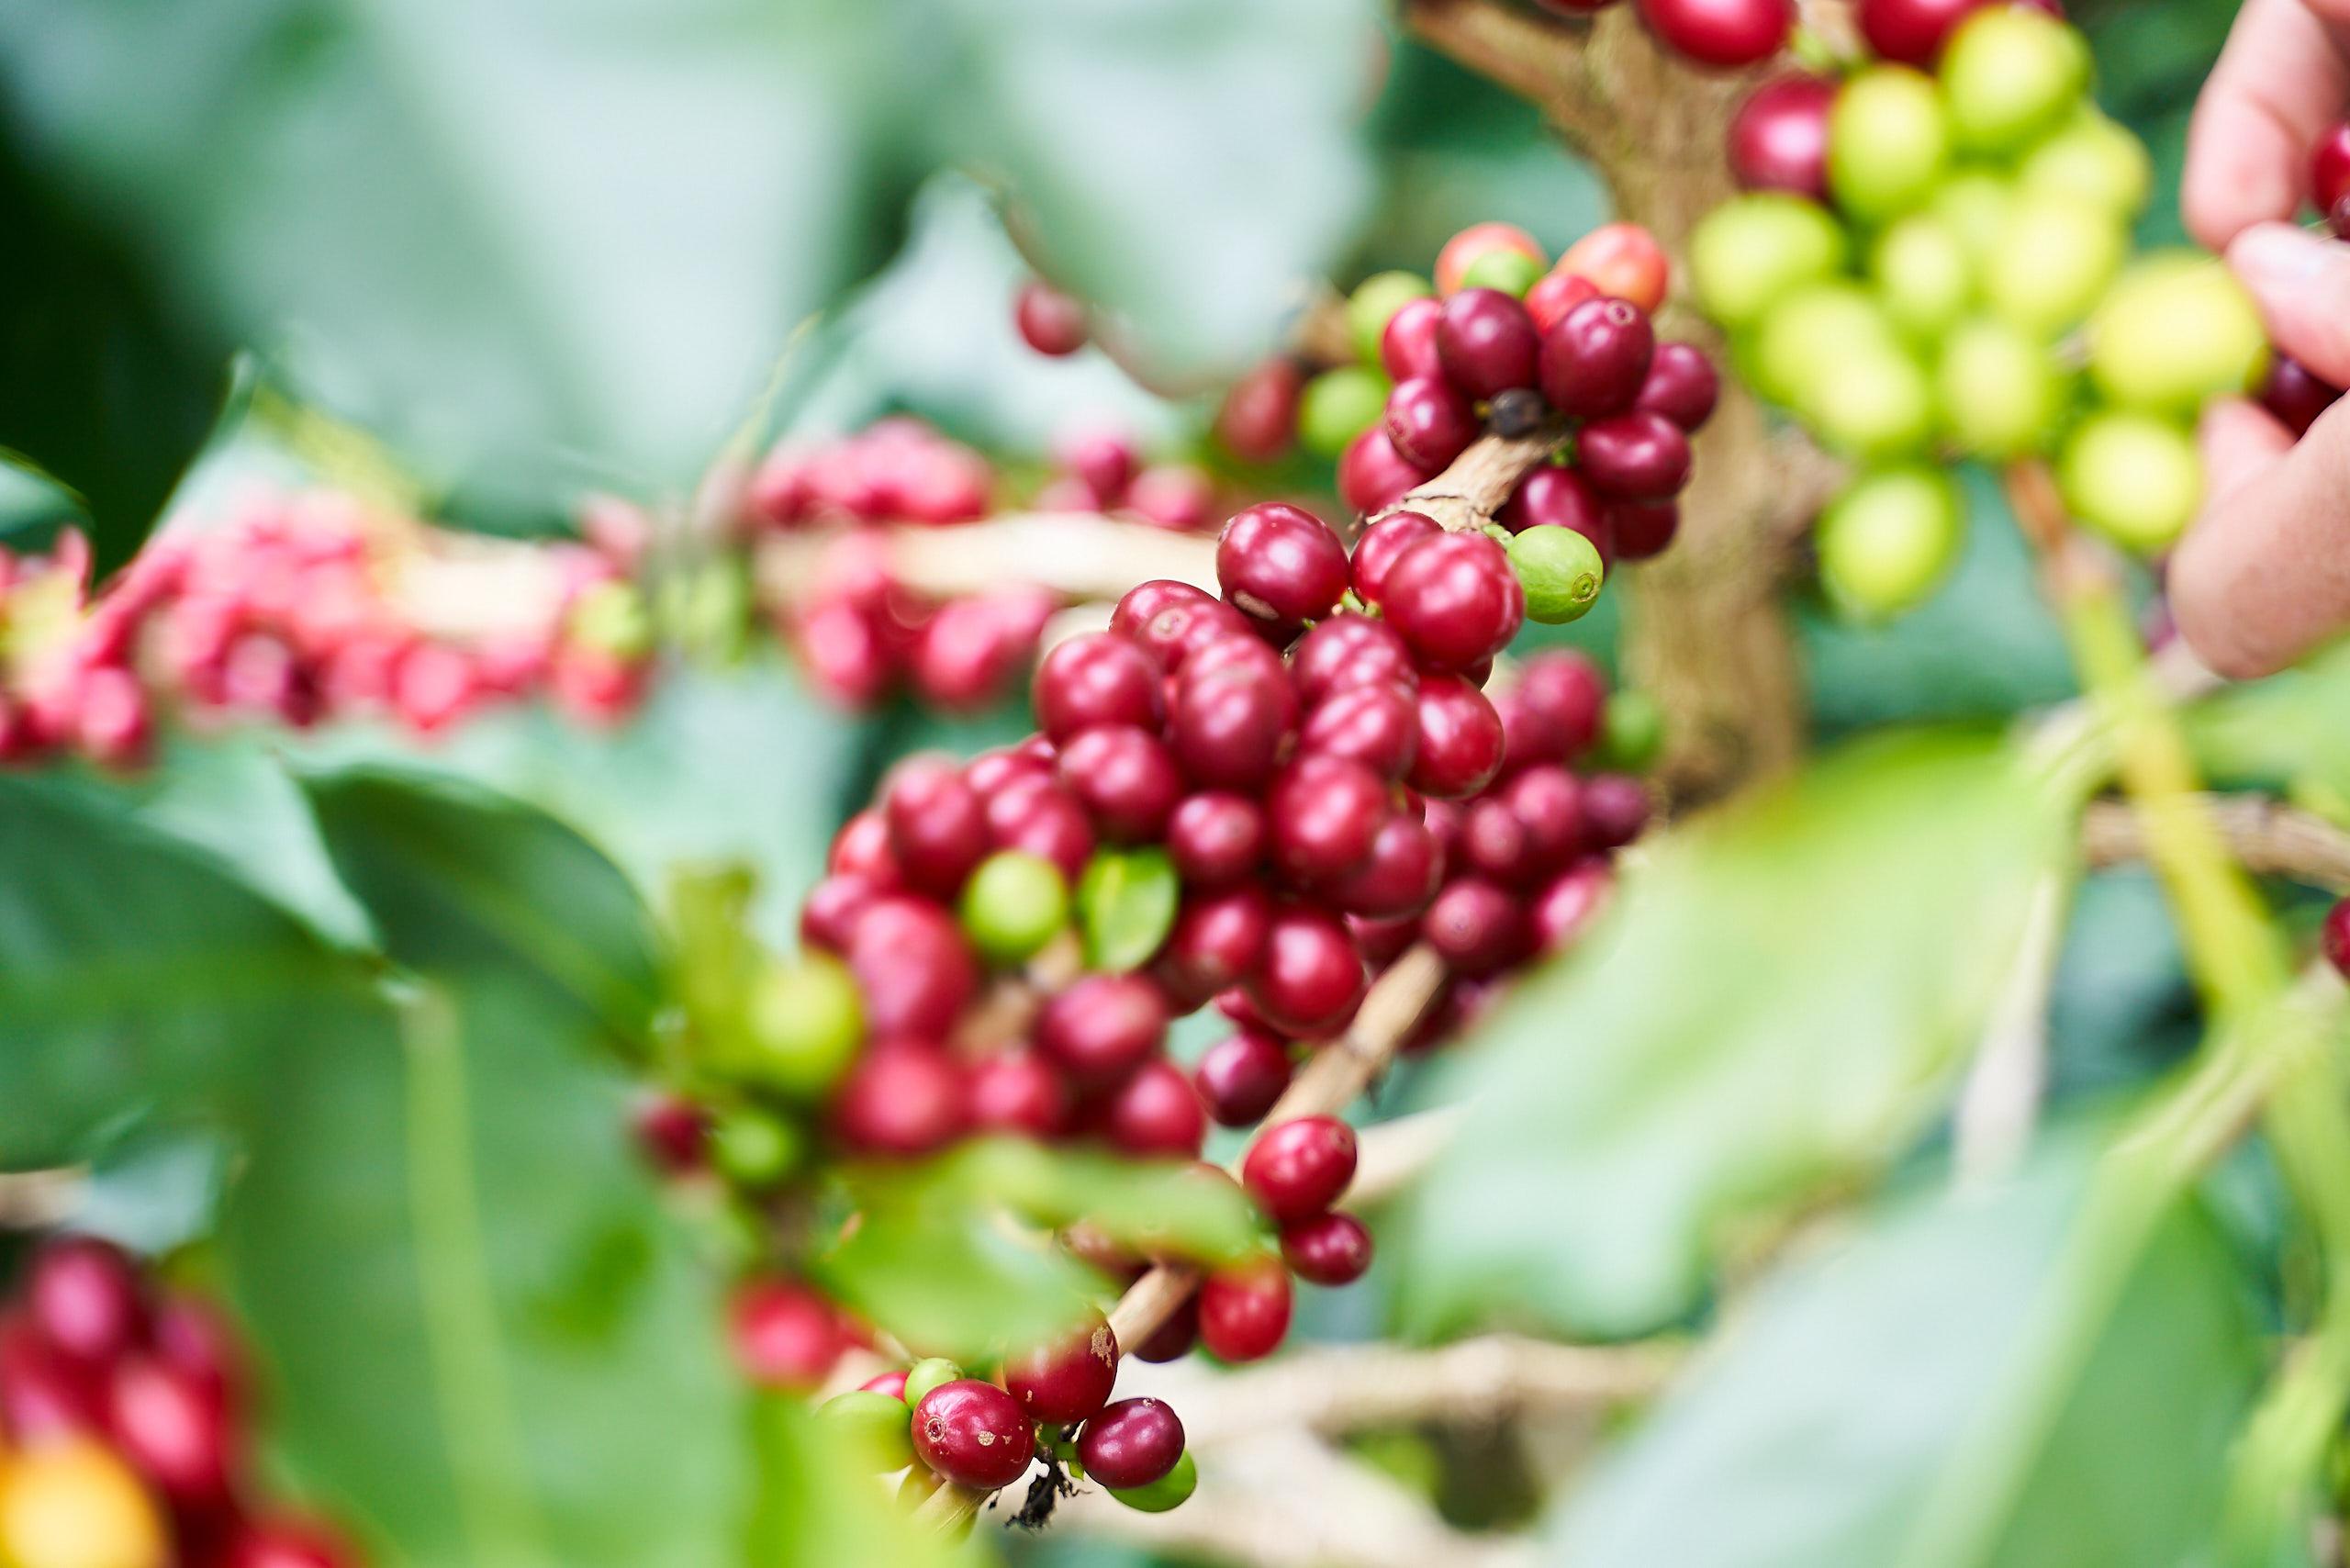 Beautiful ripe coffee cherries